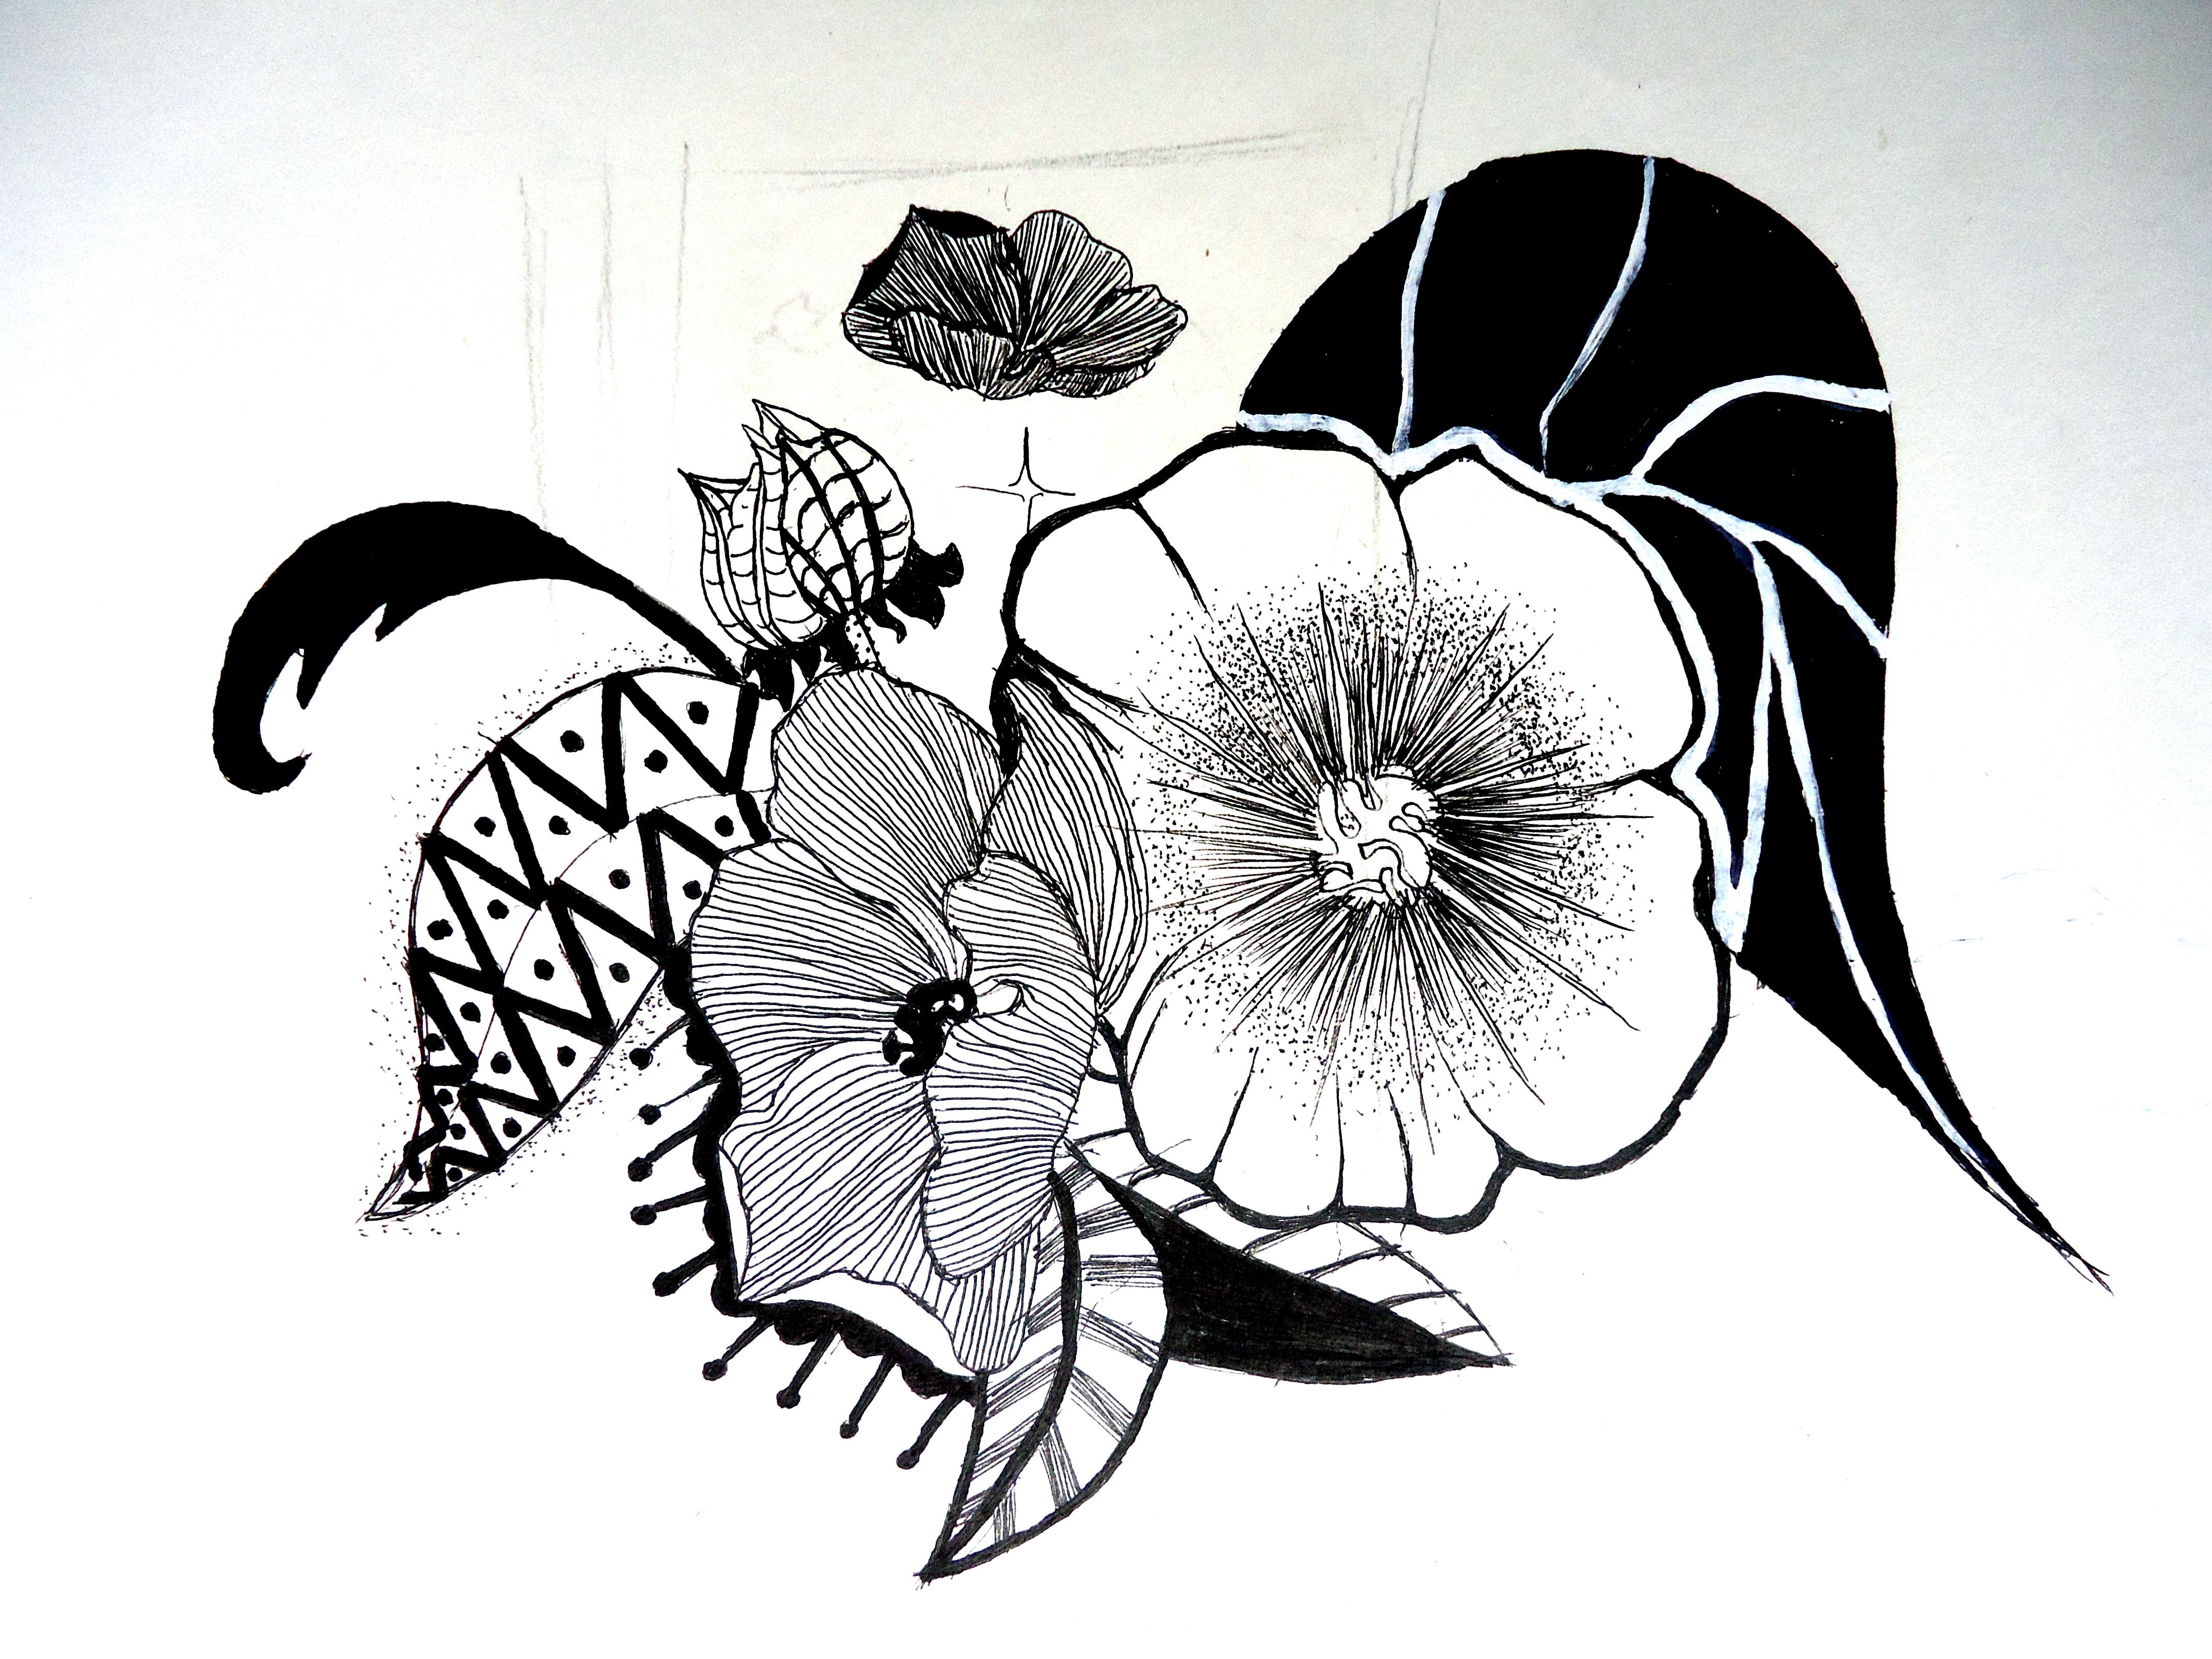 简笔画 设计 矢量 矢量图 手绘 素材 线稿 4320_3240